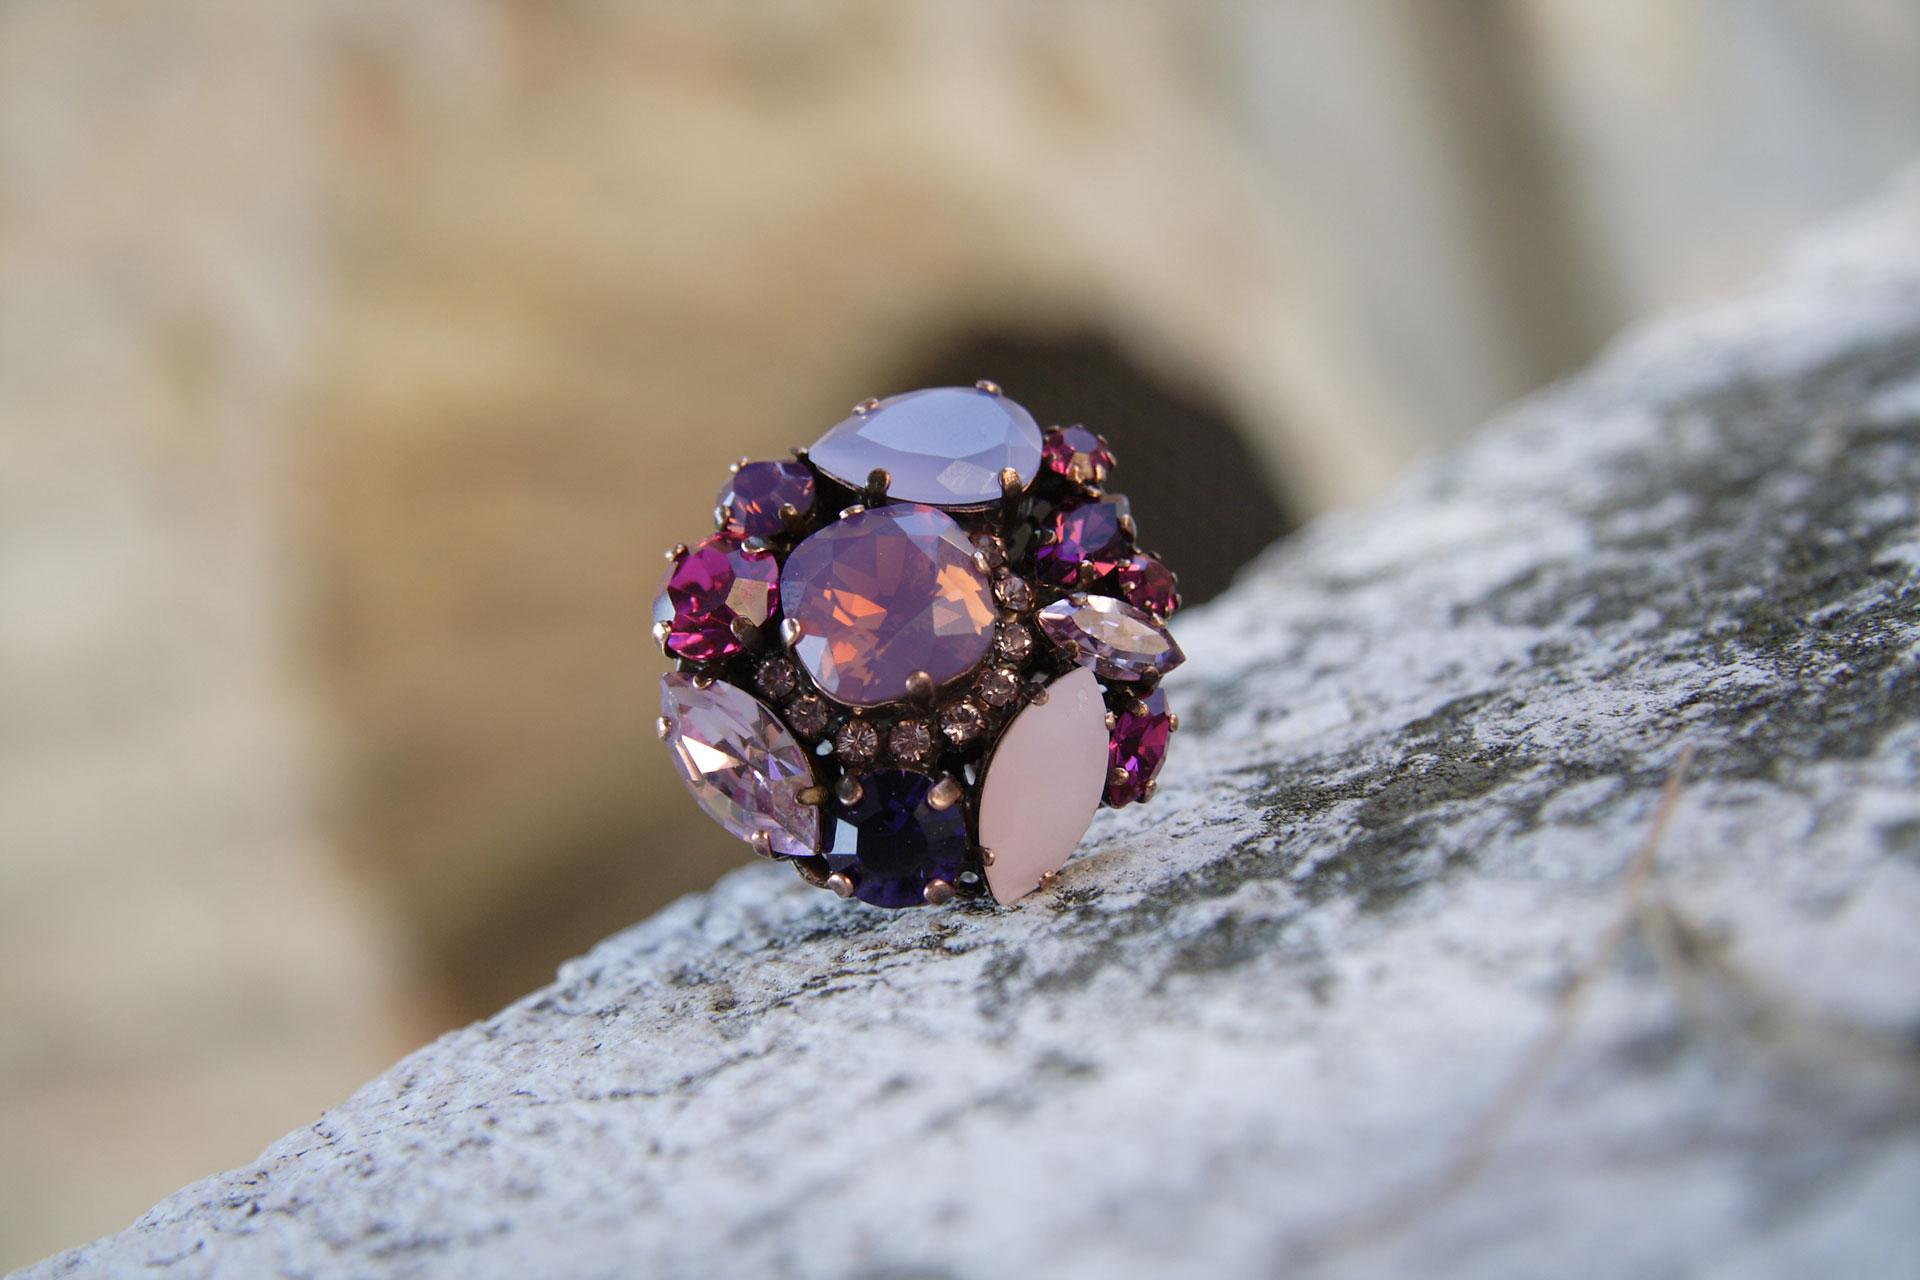 Gioielli SWAROVSKI Crystals Ravenna Italy